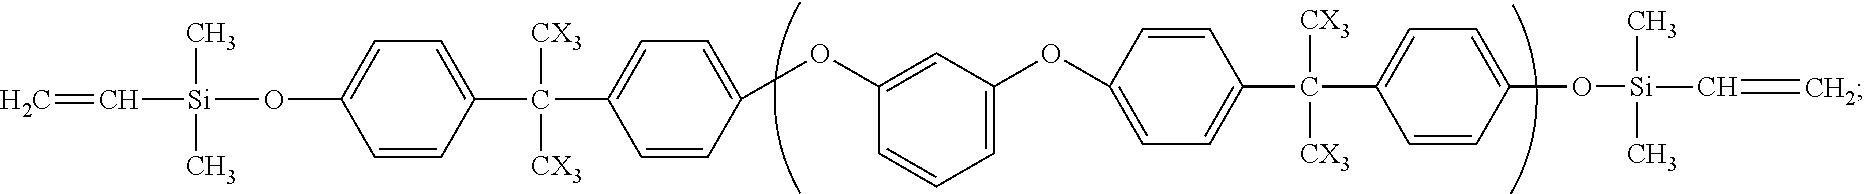 Figure US20100022693A1-20100128-C00011